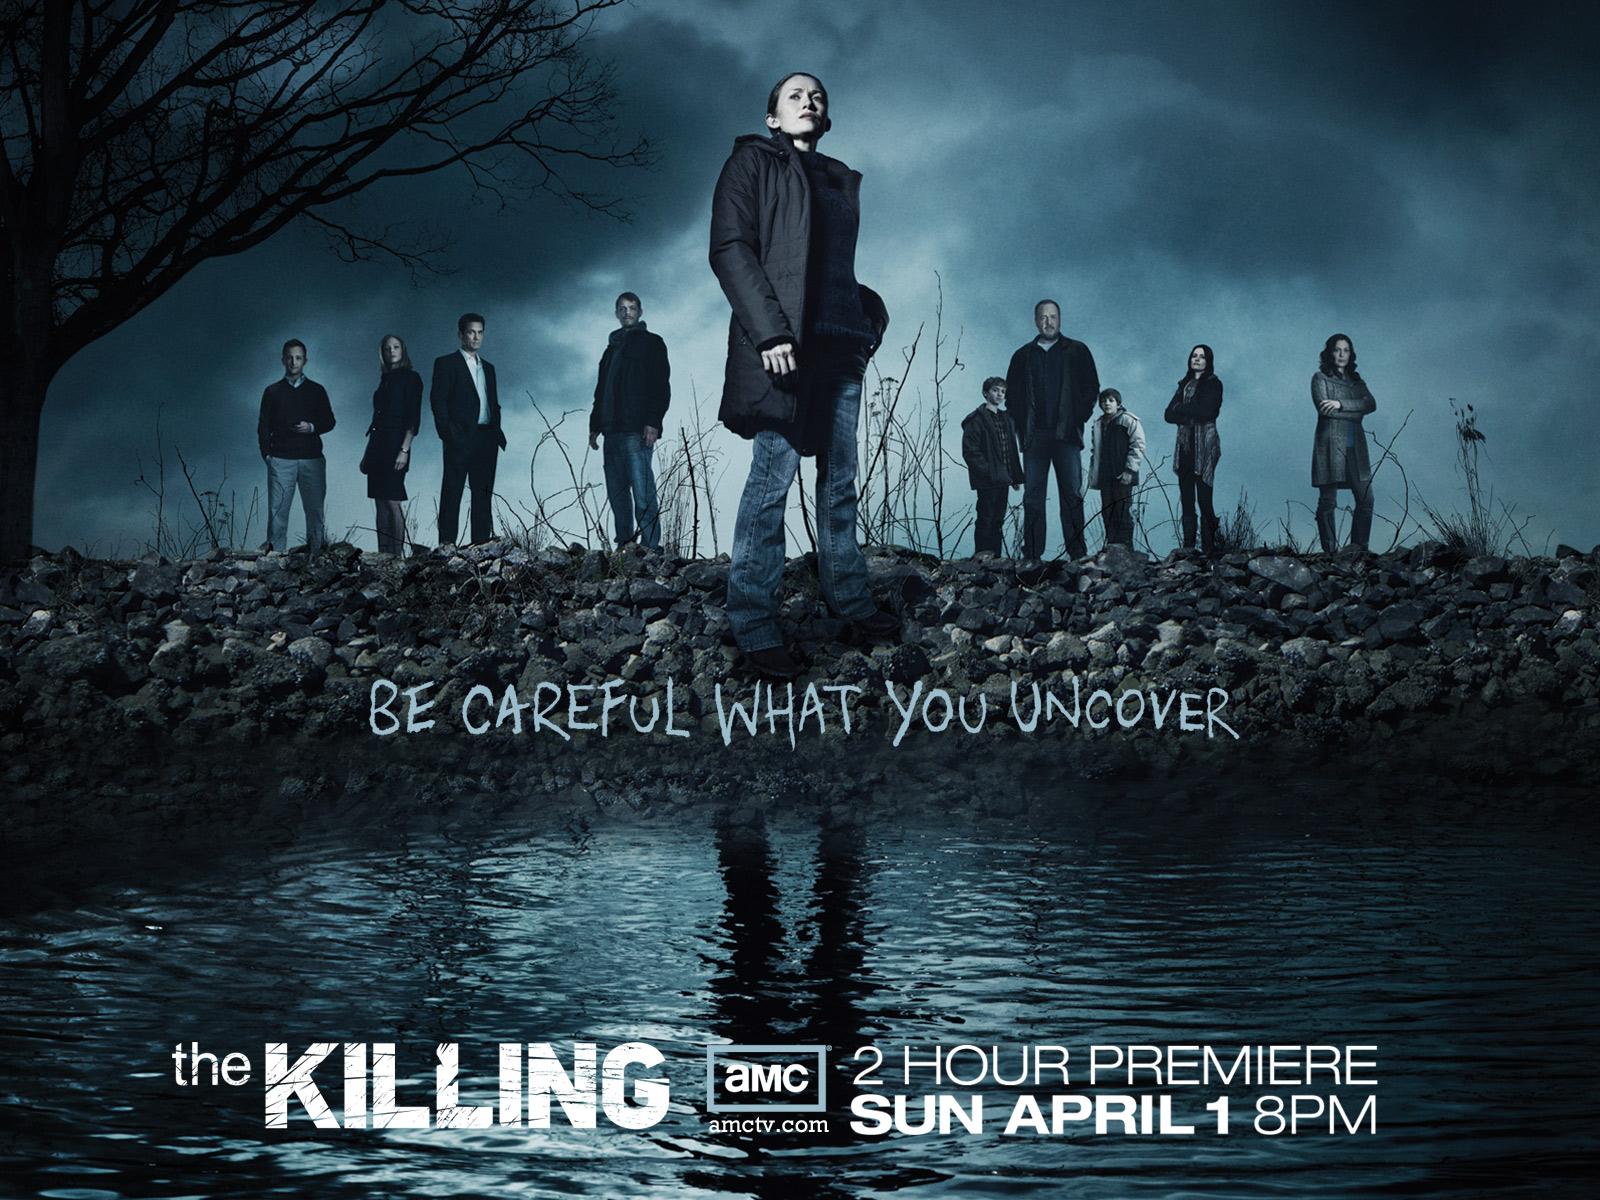 [影集] The Killing (2011~) Tk-s2-poster-premiere-1600x1200